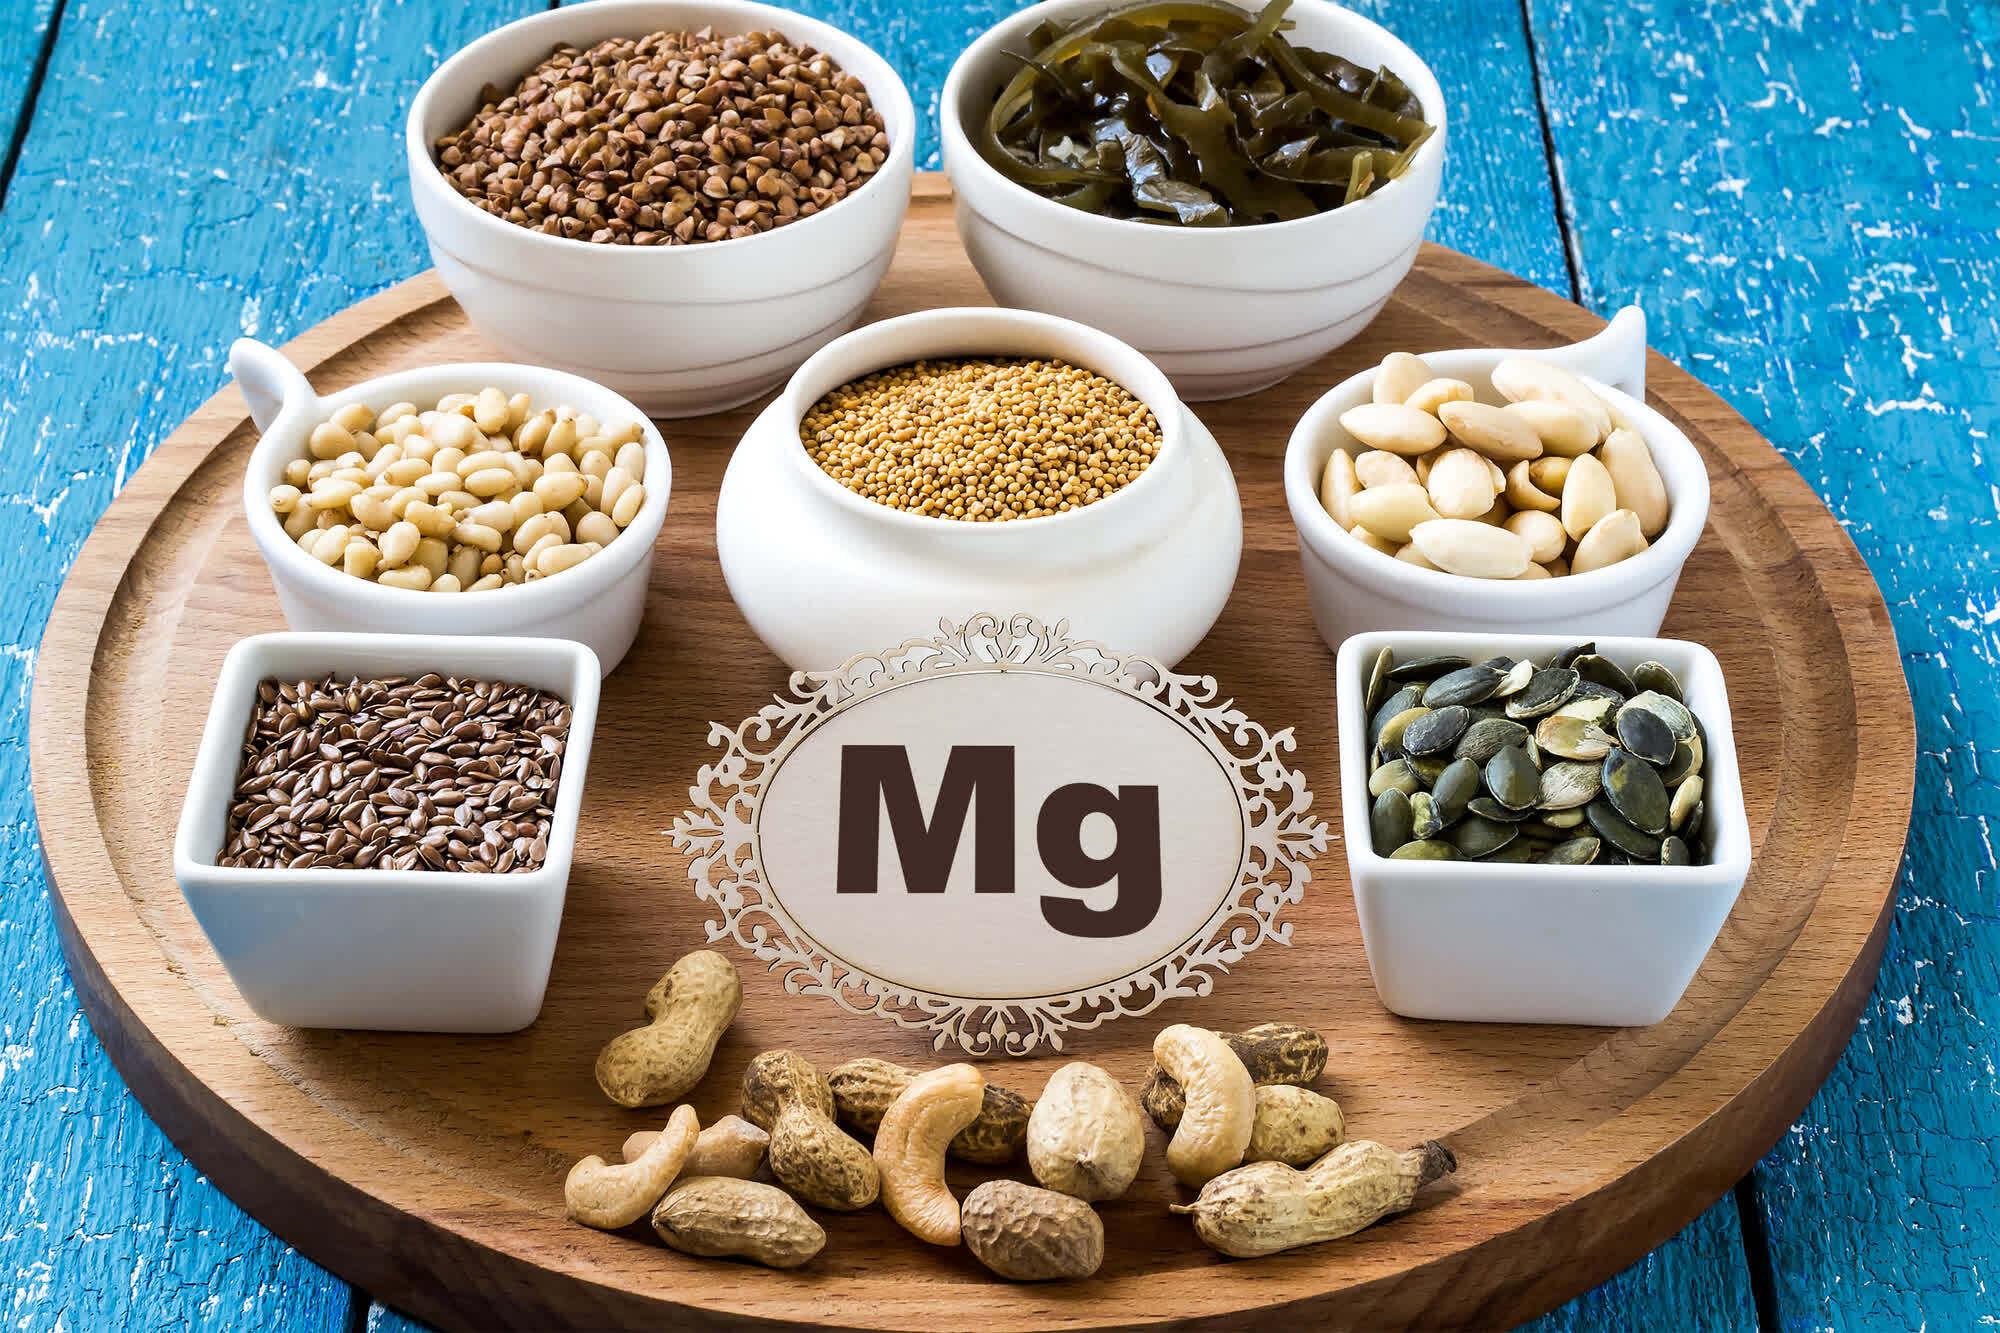 полезные для здоровья продукты с магнием